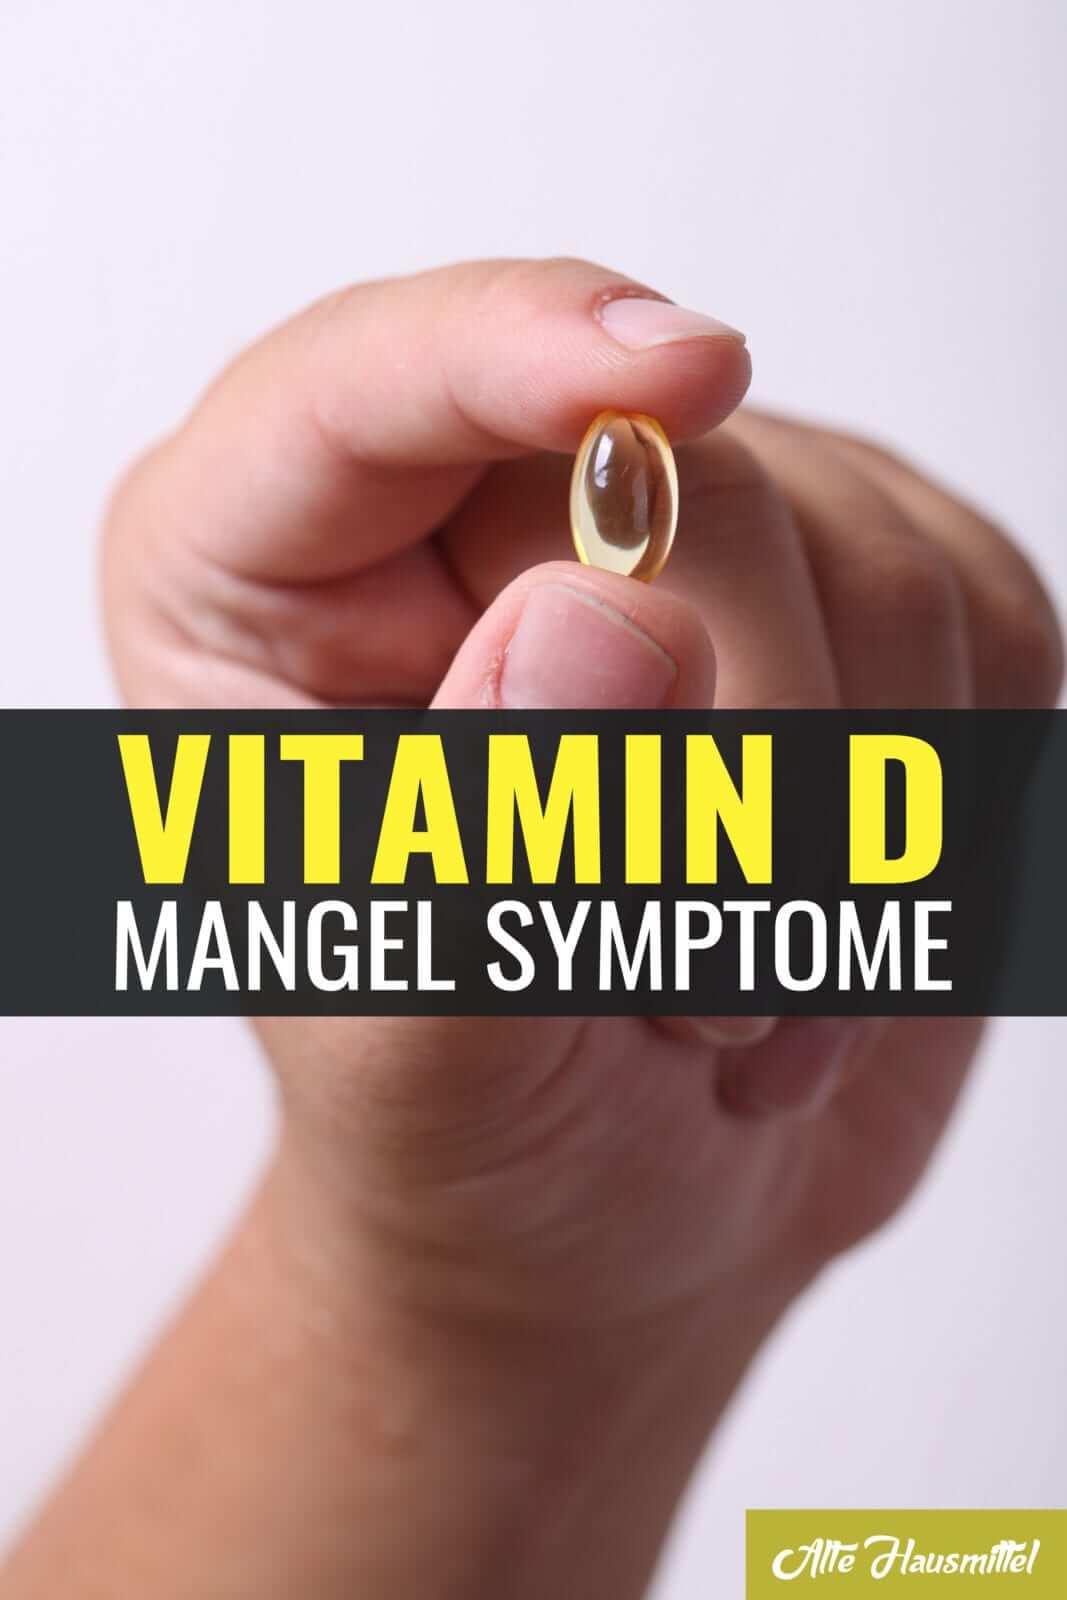 das sind die symptome von vitamin d mangel erkennen leicht. Black Bedroom Furniture Sets. Home Design Ideas